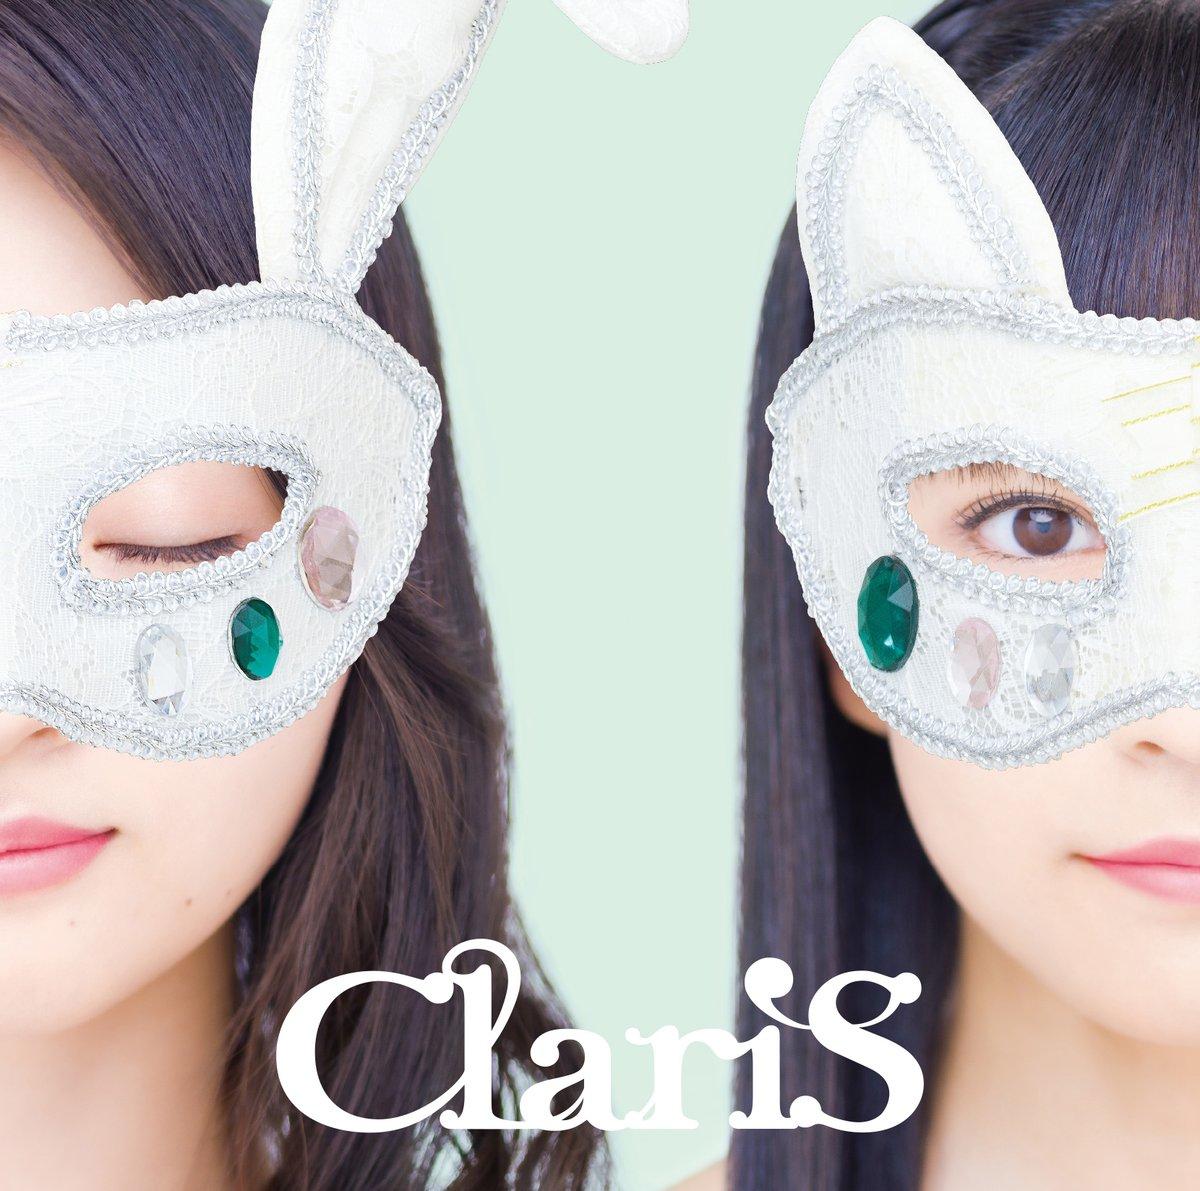 メインビジュアル アニソンユニット ベール 素顔 メジャーデビュー周年に関連した画像-02